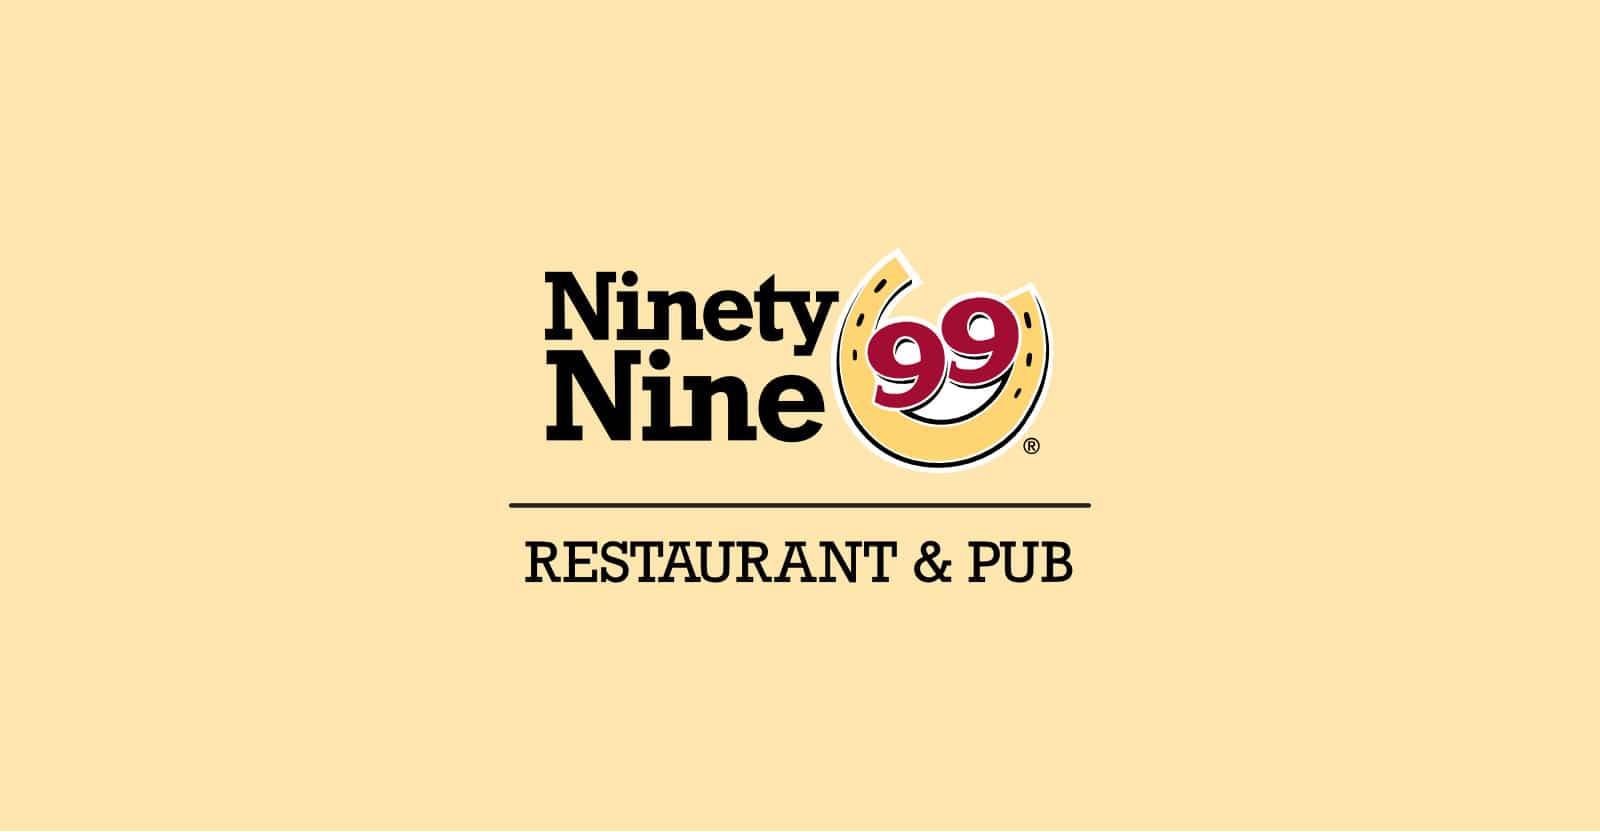 99 Restaurants Gluten Free Menu 2020 No Gluten